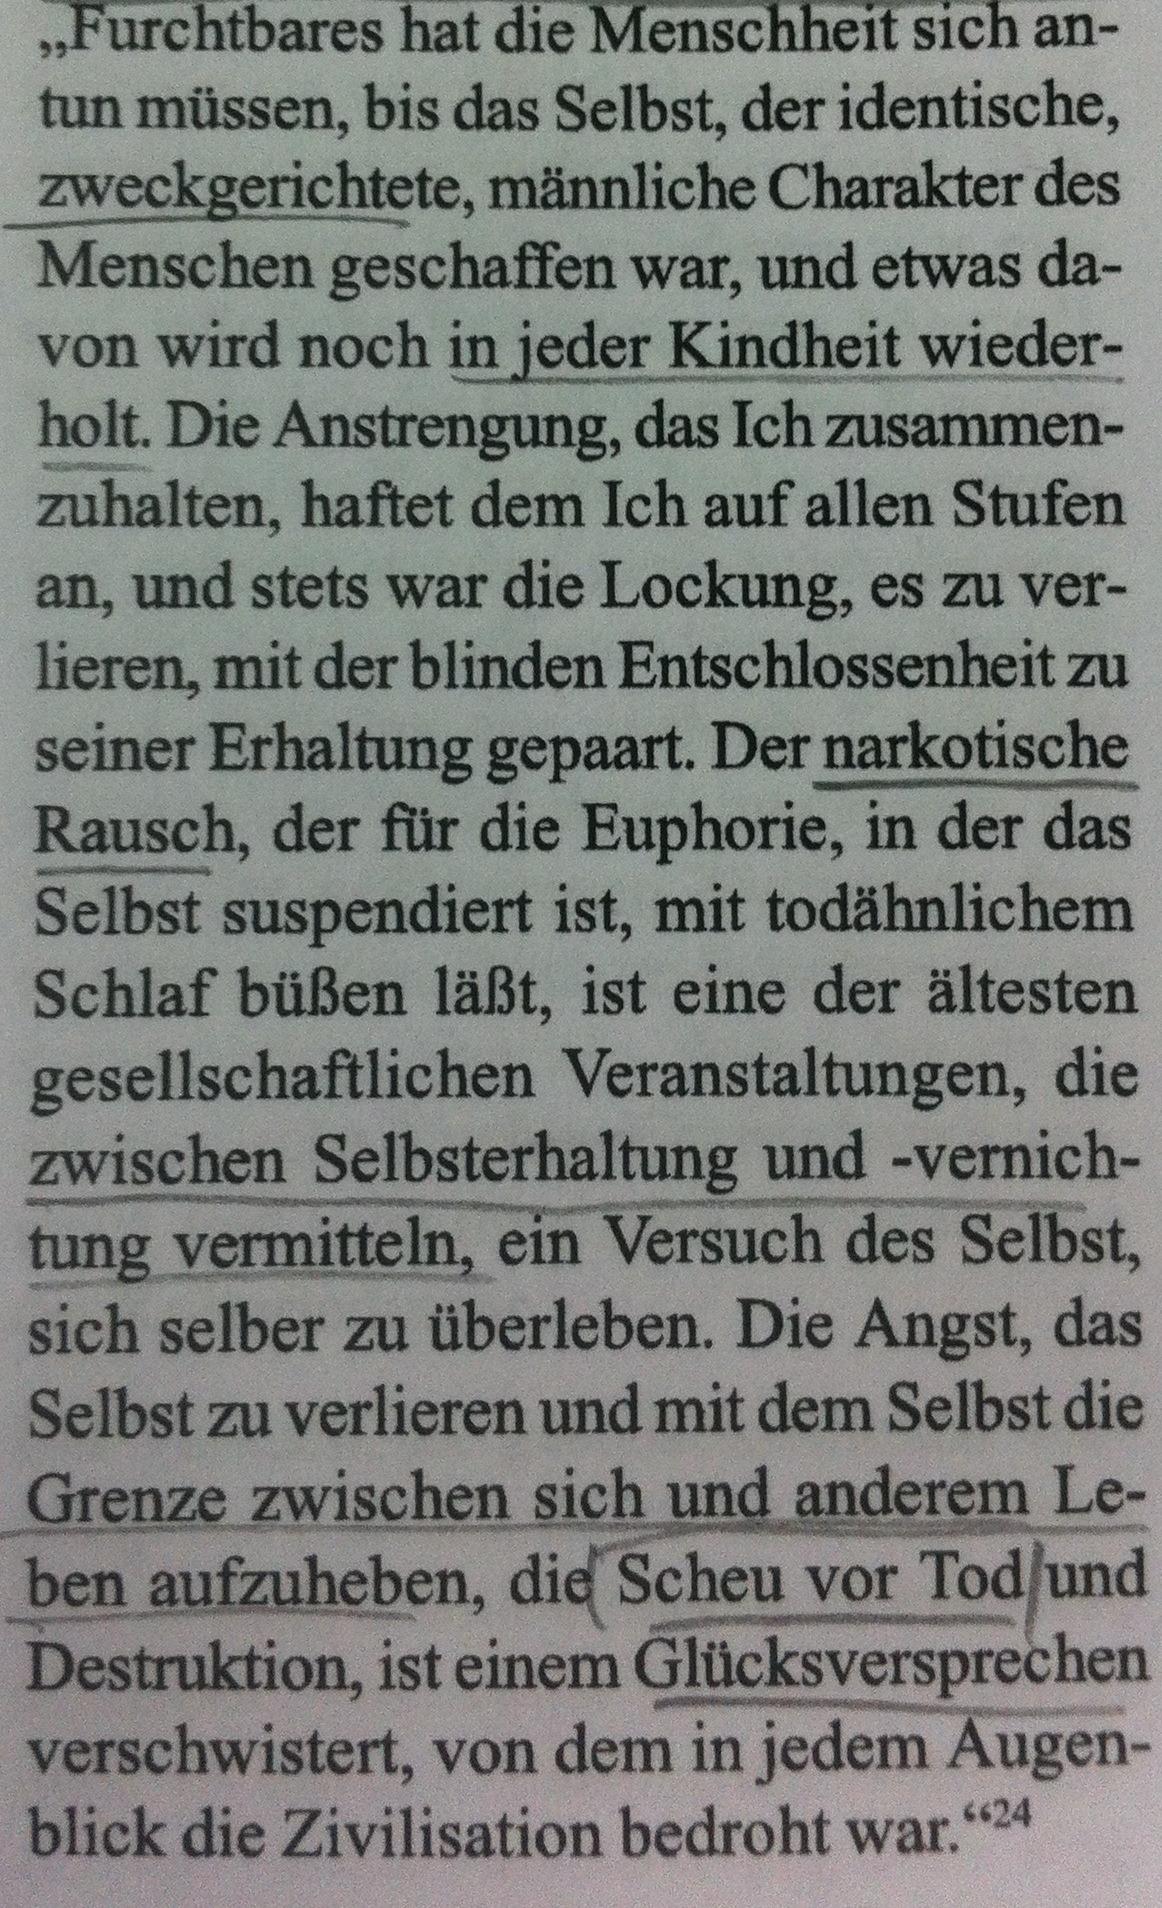 Max Horkheimer und Theodor W. Adorno: Dialektik der Aufklärung. Philosophische Fragmente. Frankfurt am Main 1993, S. 40. [via abgrundtiefe]